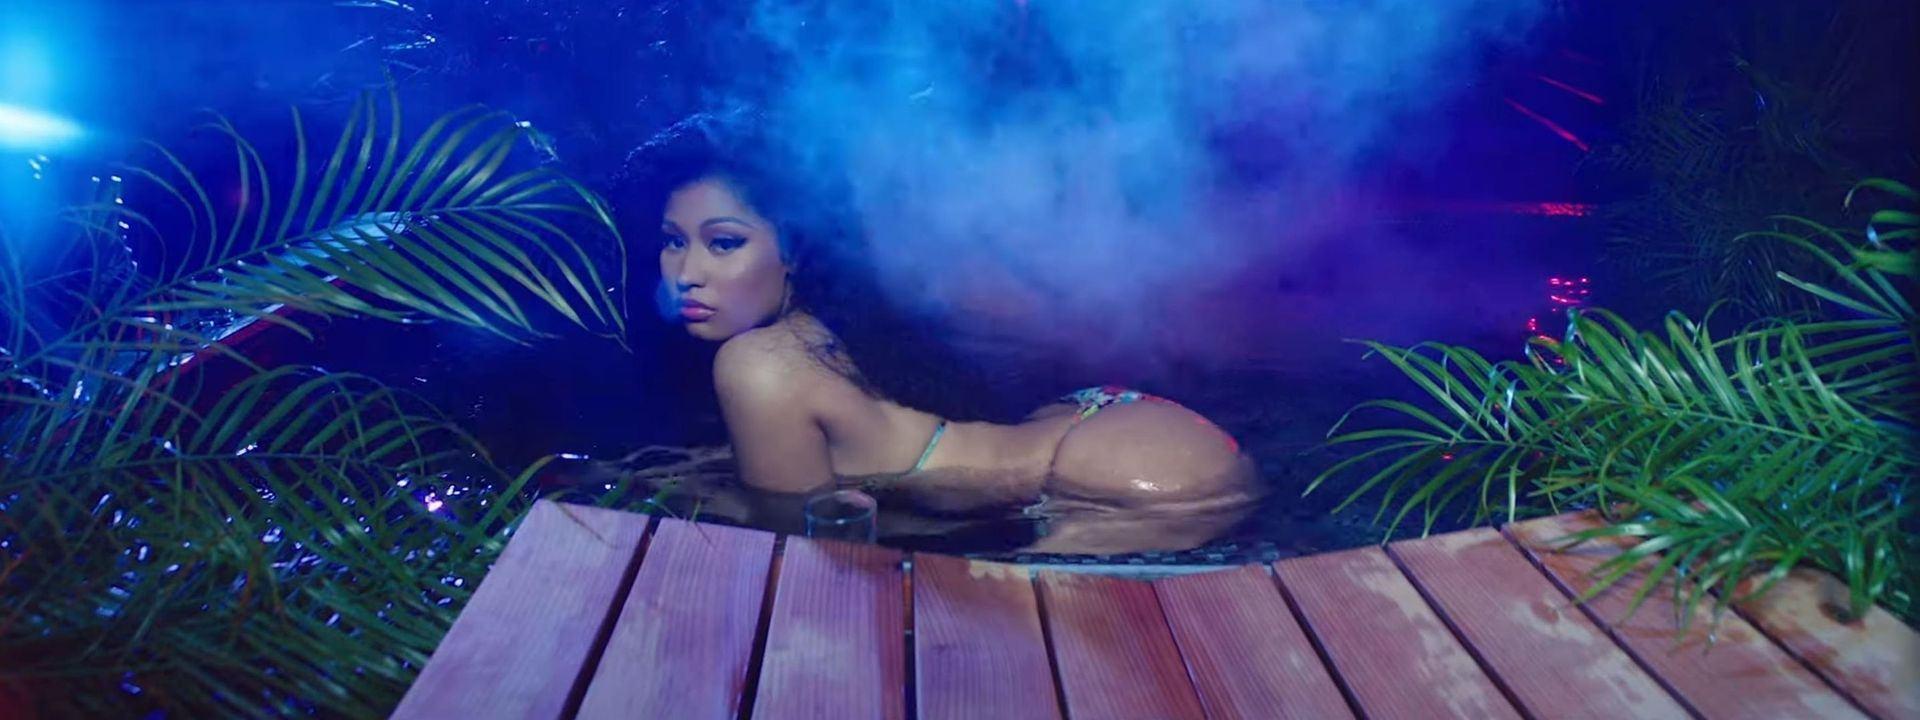 Stars Nicki Minaj Almost Naked Pictures